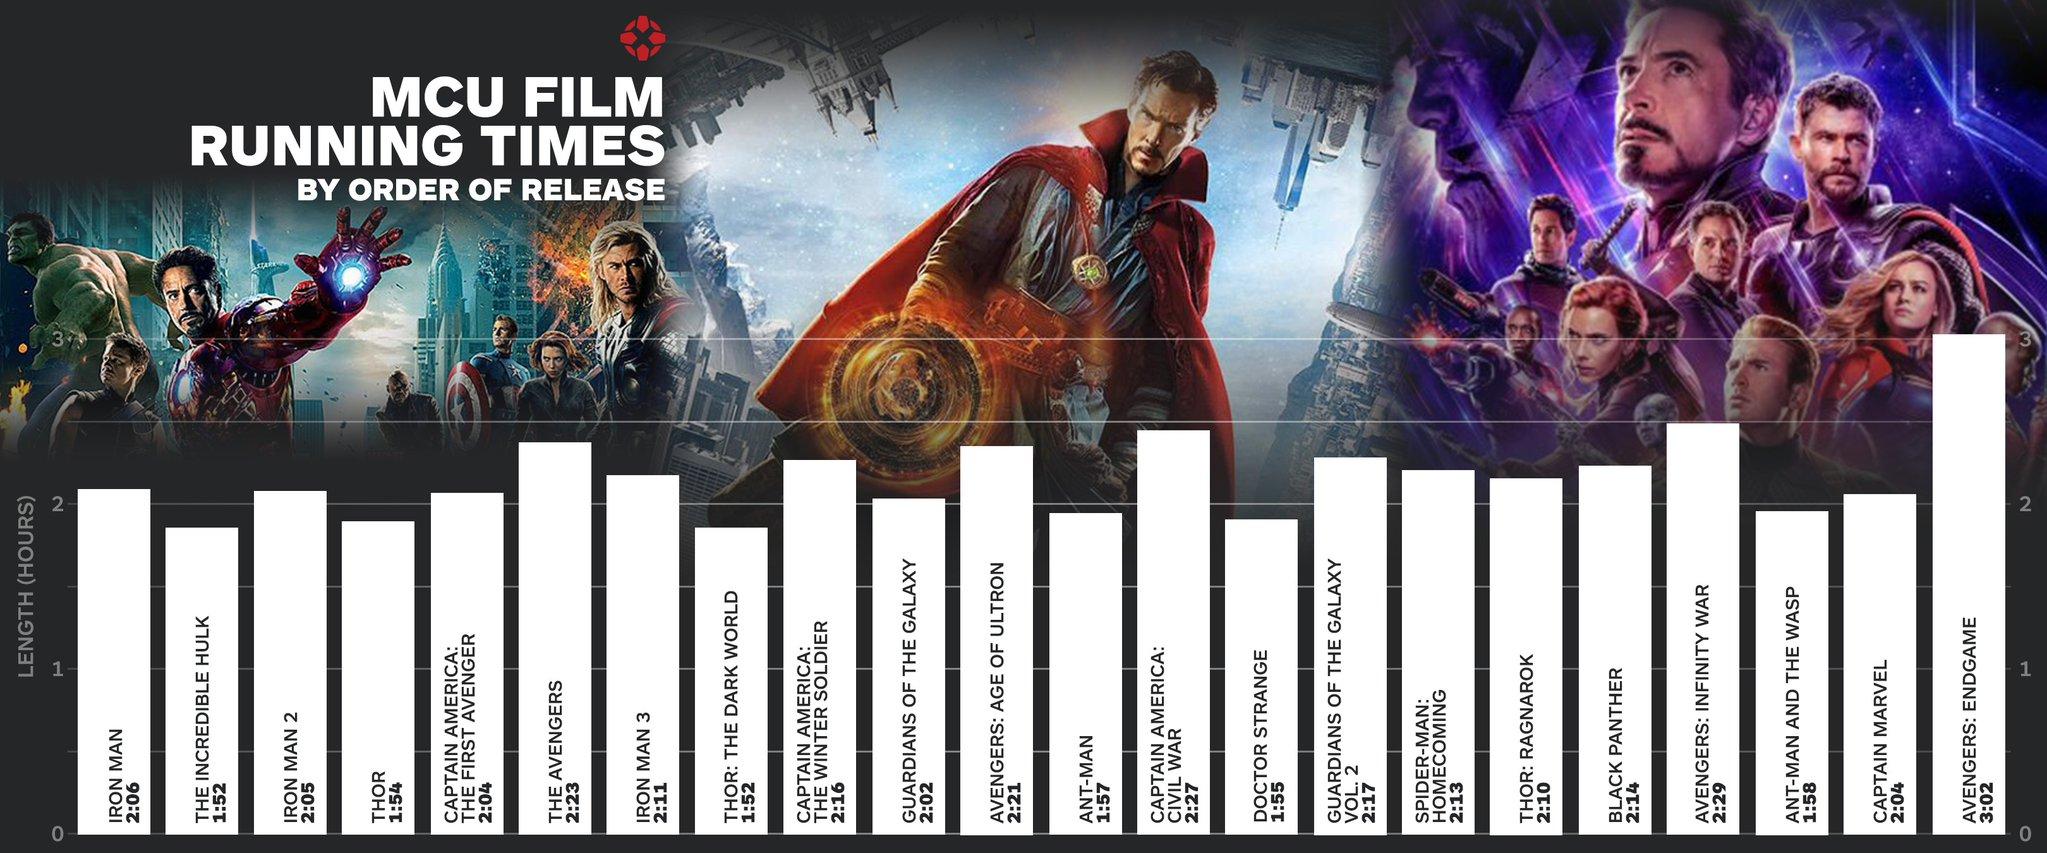 一口气看完漫威22部电影需要多长时间?IGN给你算了算